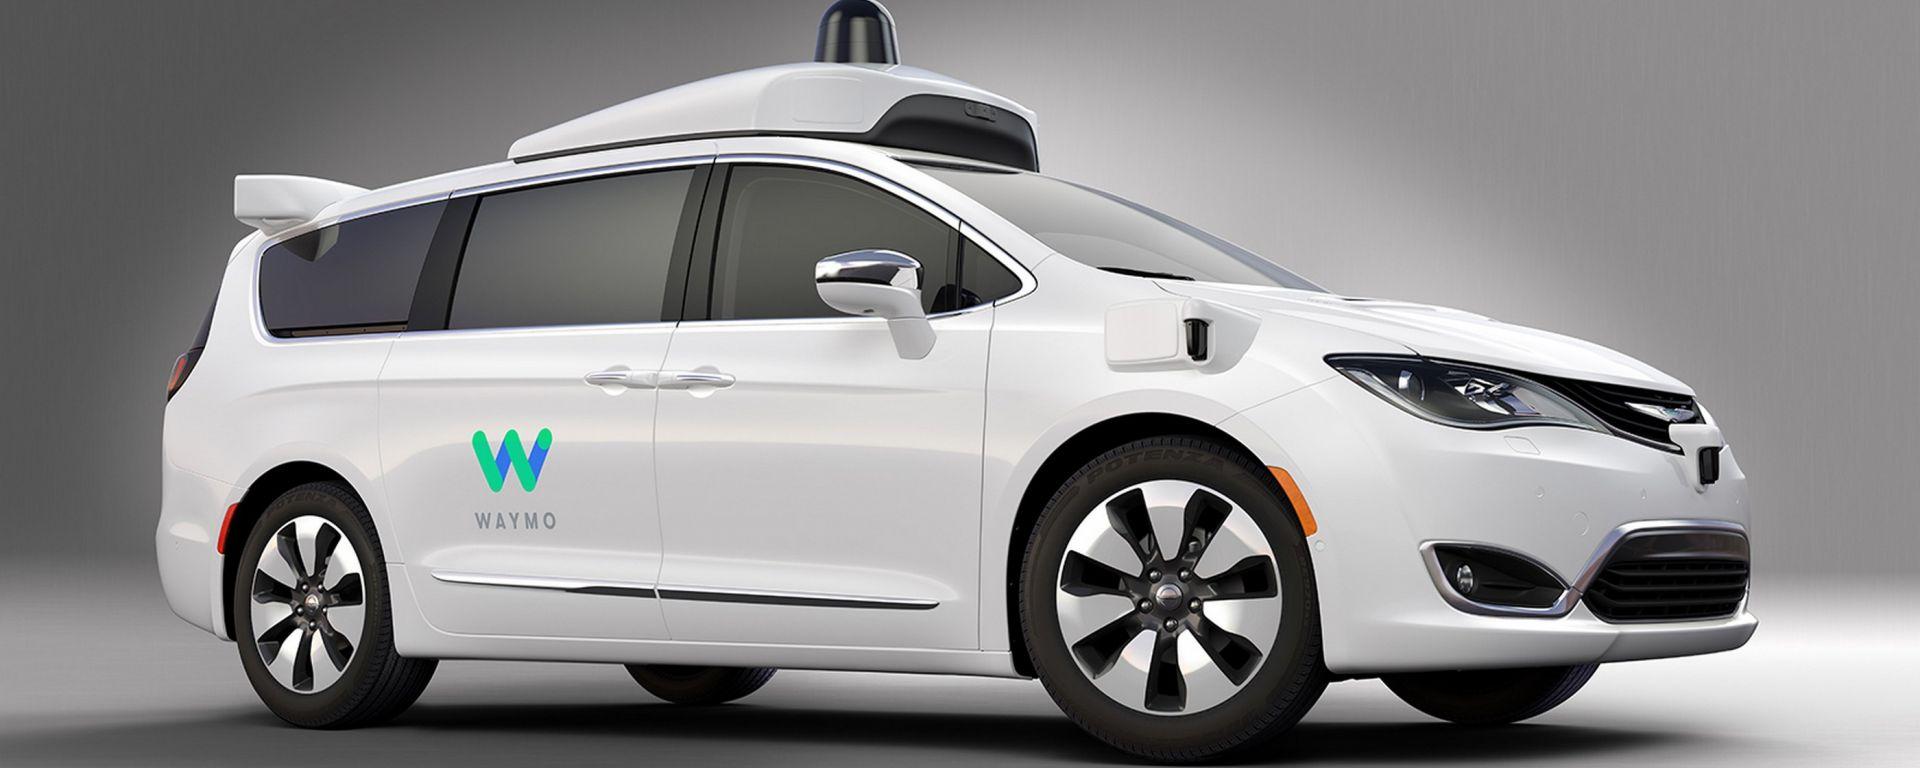 Guida autonoma: la Chrysler Pacifica di Waymo è ibrida e può percorrere fino a 50 km a emissioni zero